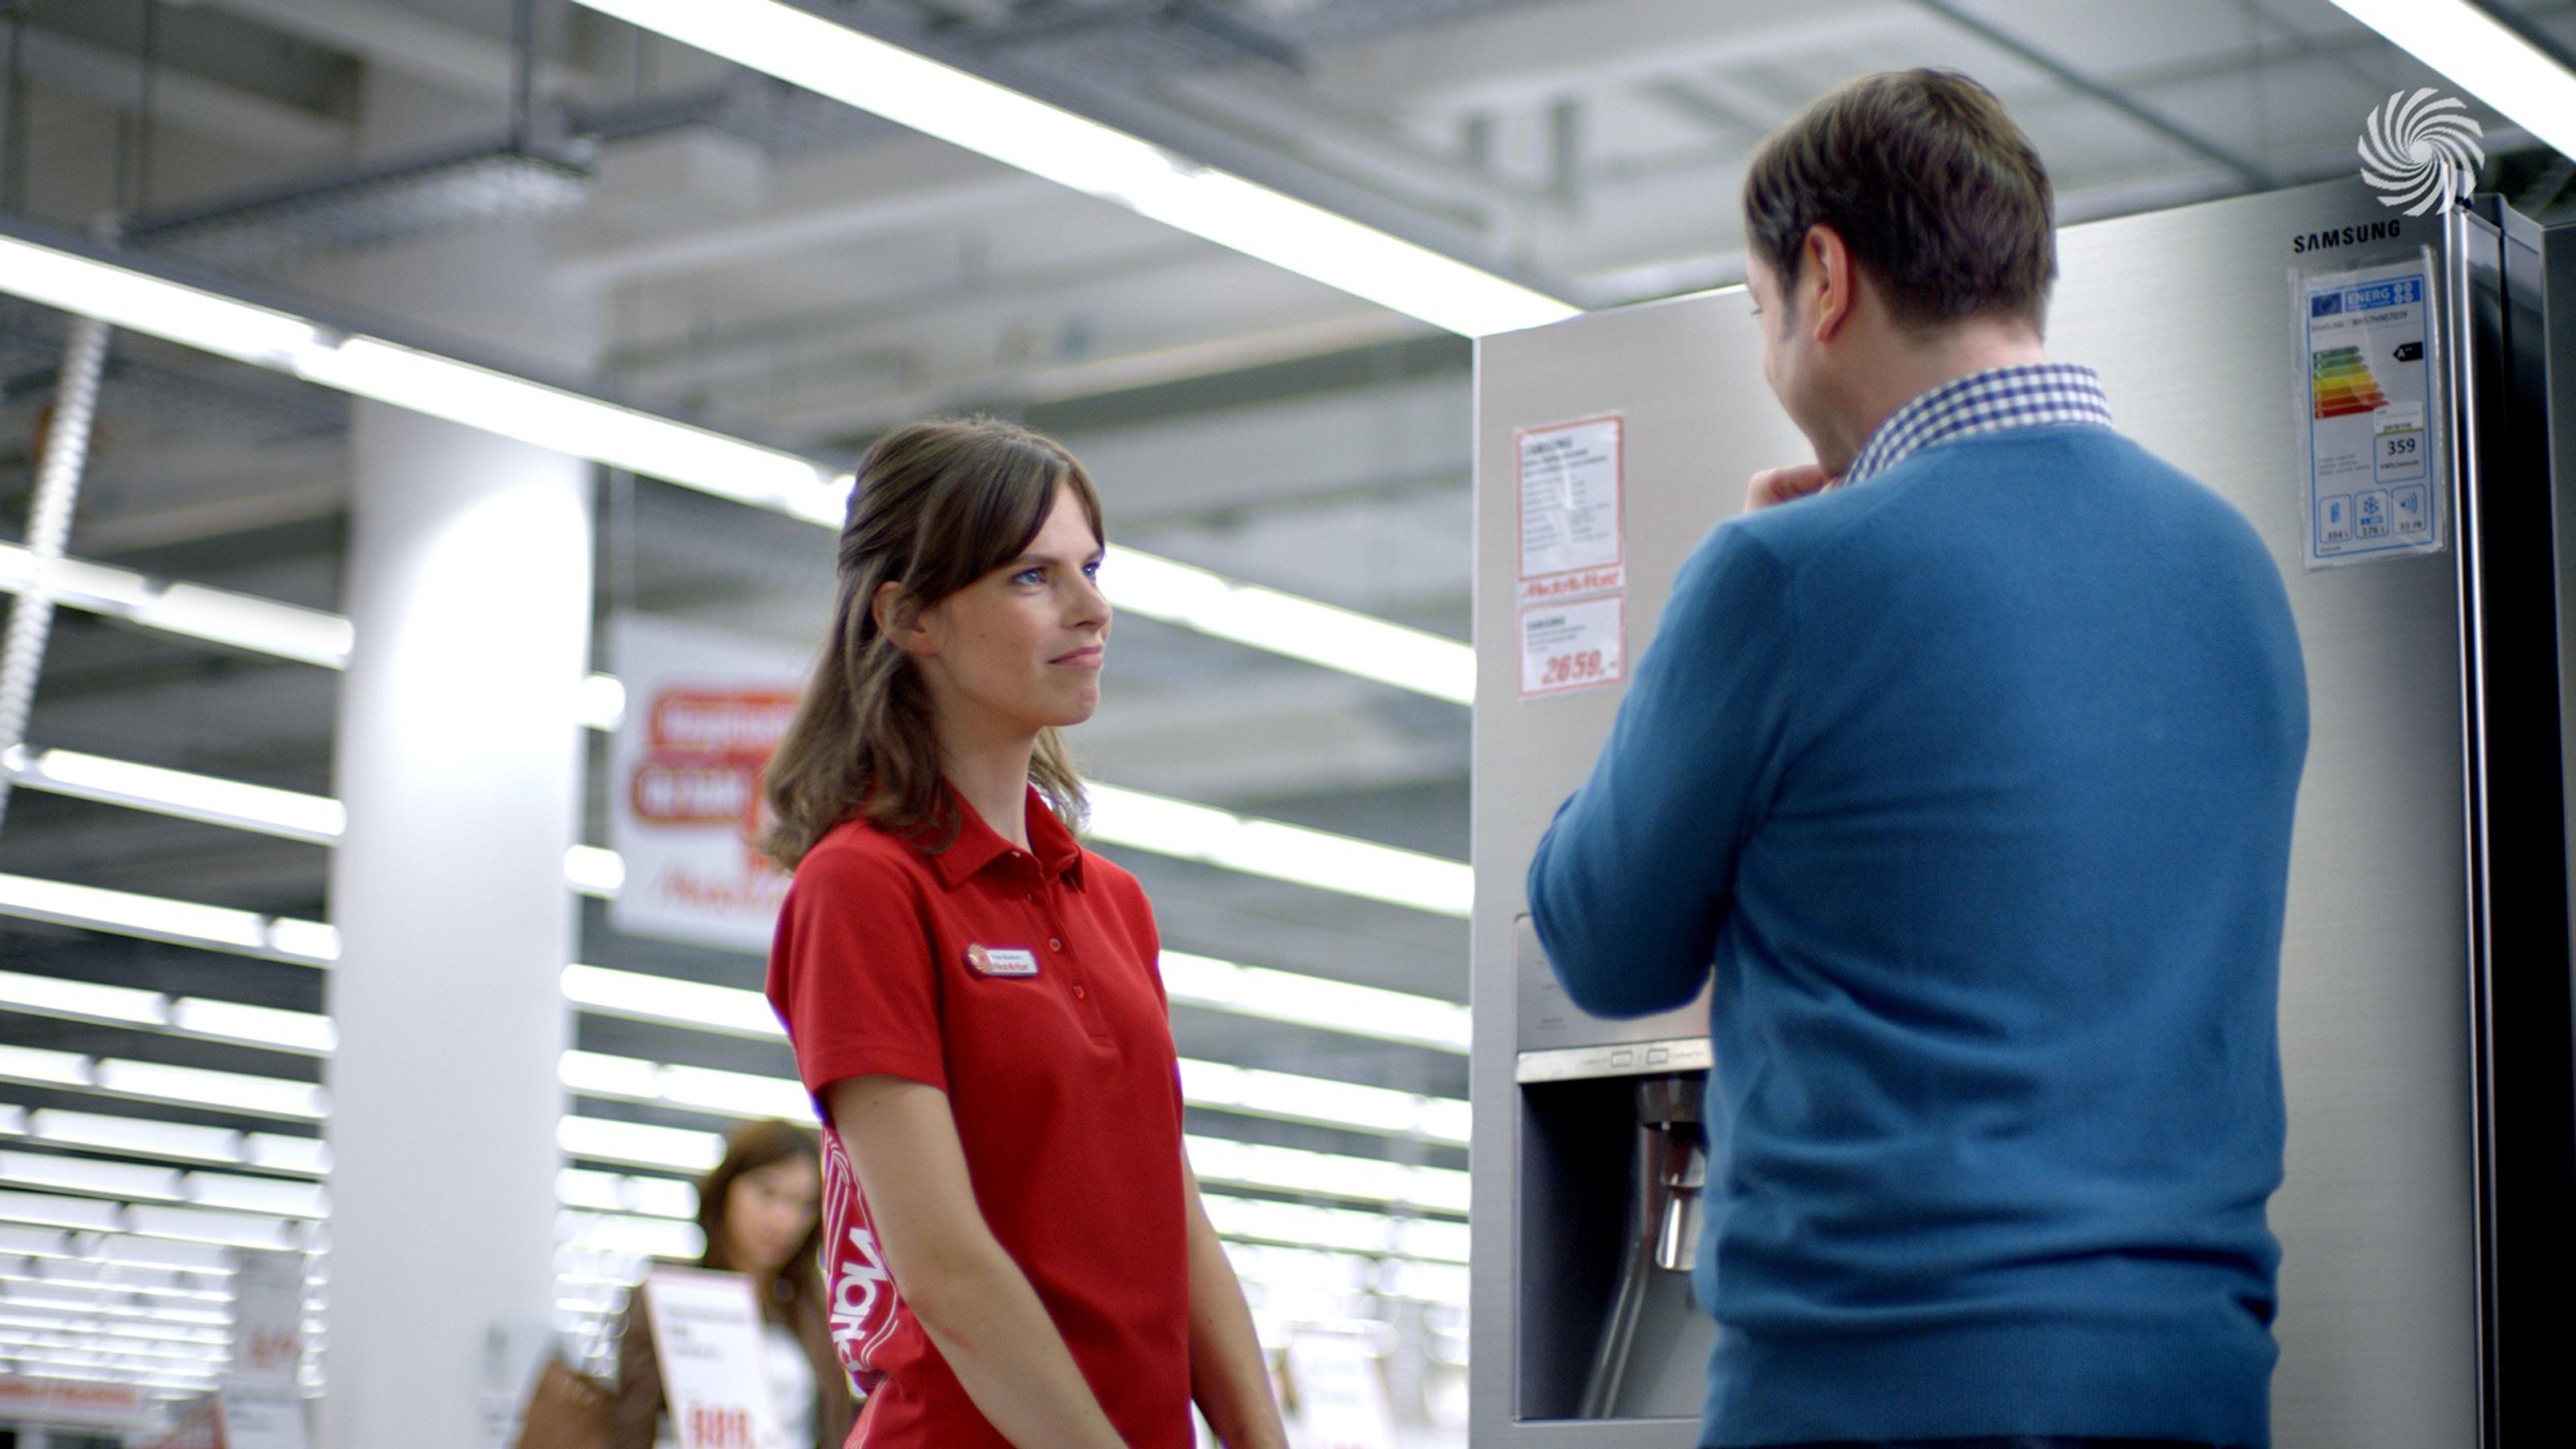 Media Markt Kampagne 2015 - Kühlschrank Spot | MediaMarktSaturn ...